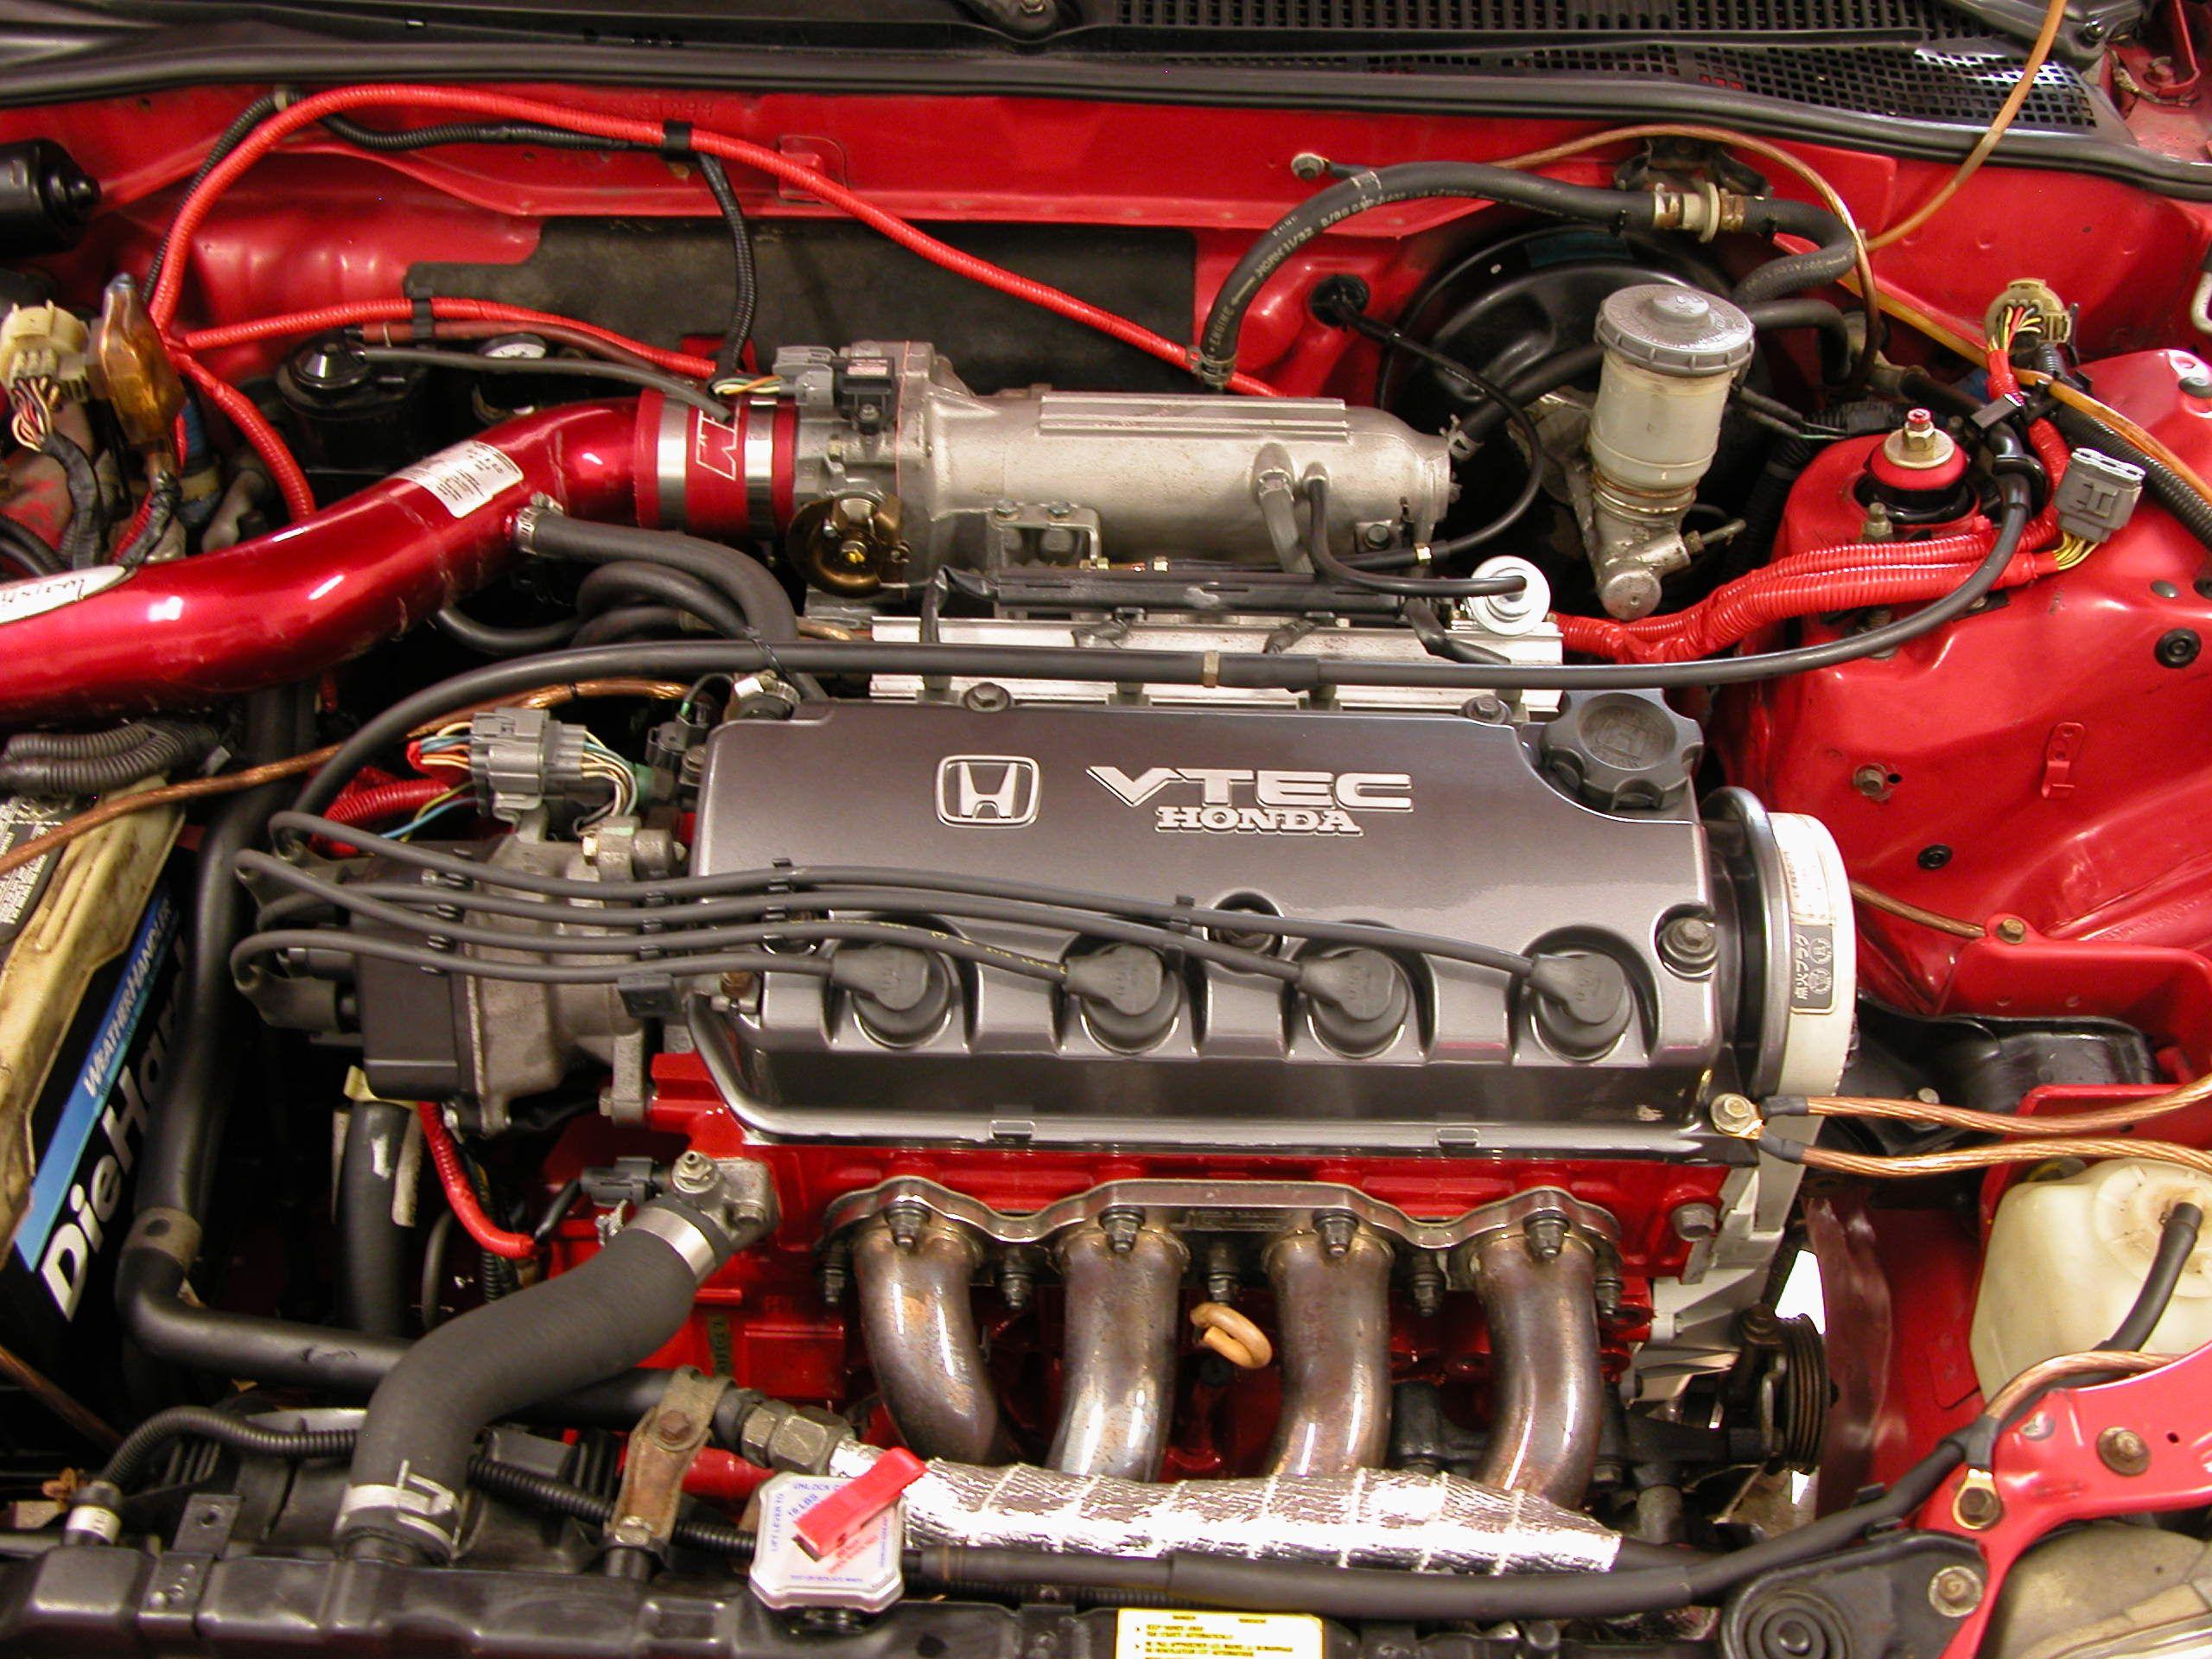 The Rainmaker 05 21 08 Honda Civic Sedan Honda Civic Hatchback Honda Civic Ex